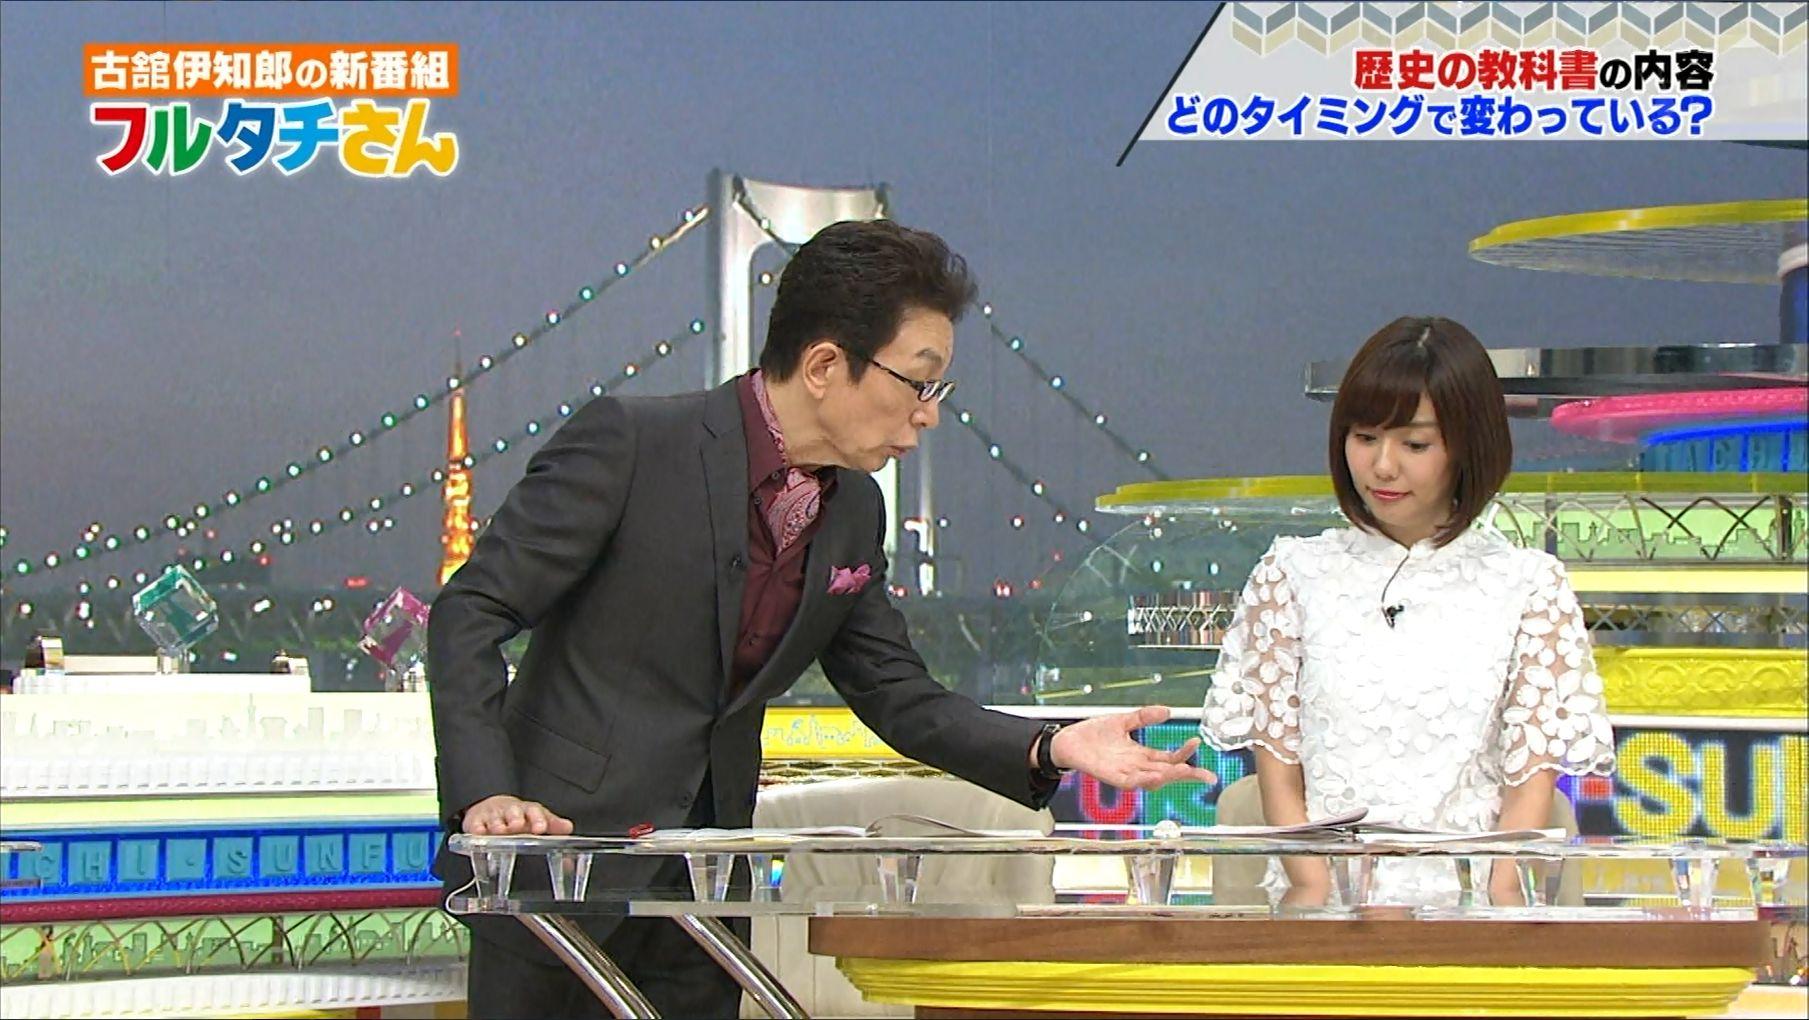 山﨑夕貴 フルタチさん 16/11/06...